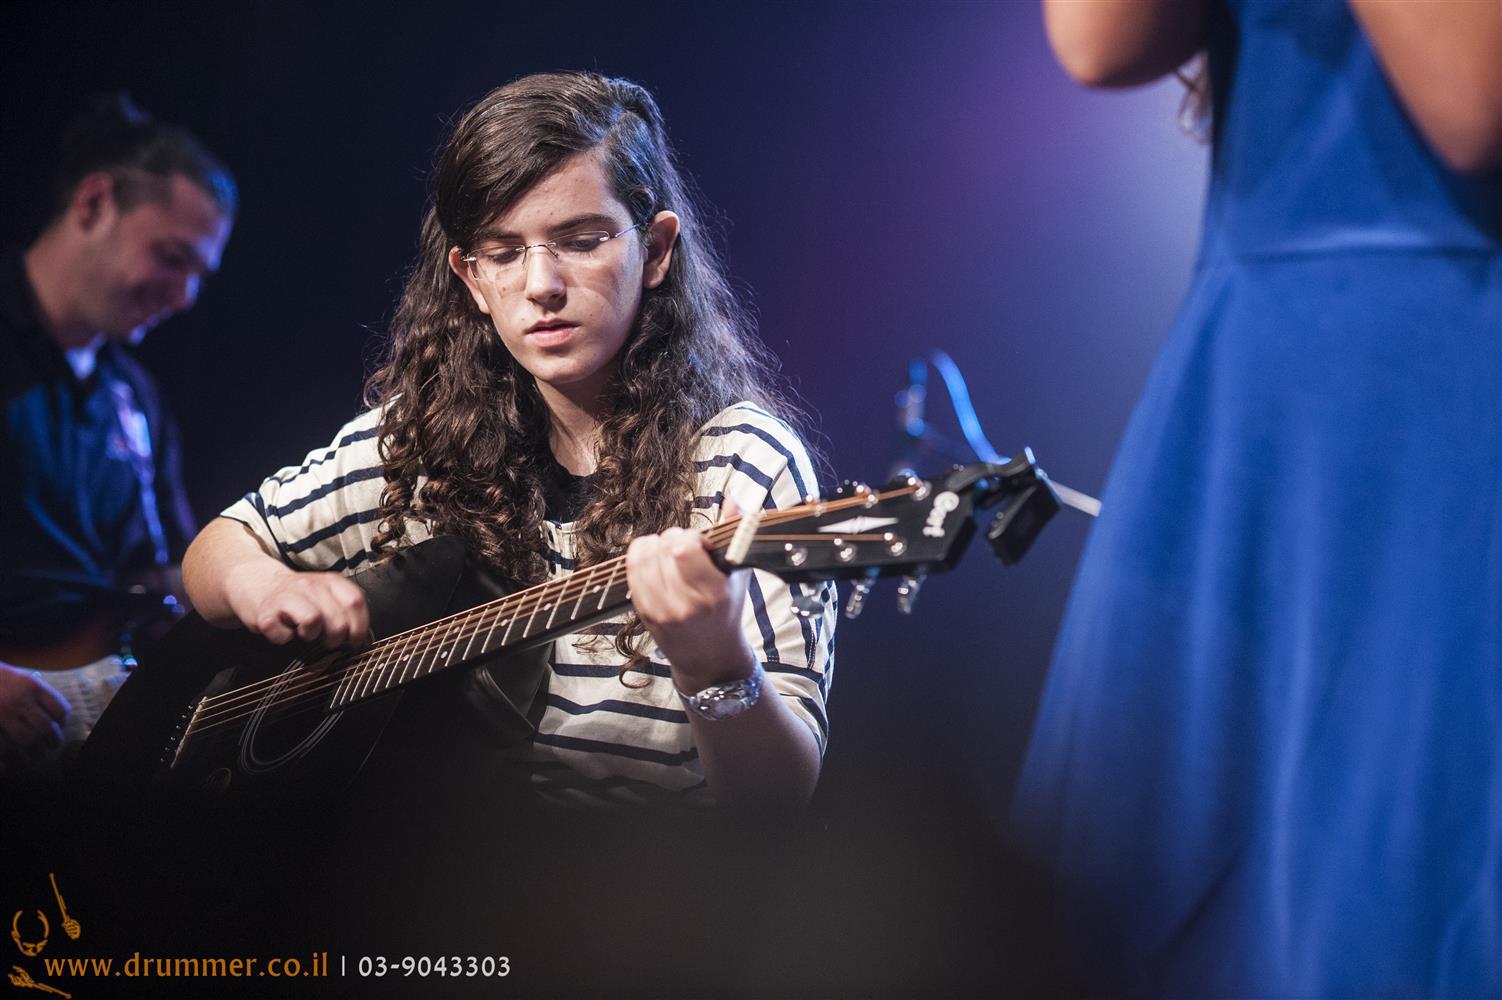 שיעור גיטרה בפתח תקווה